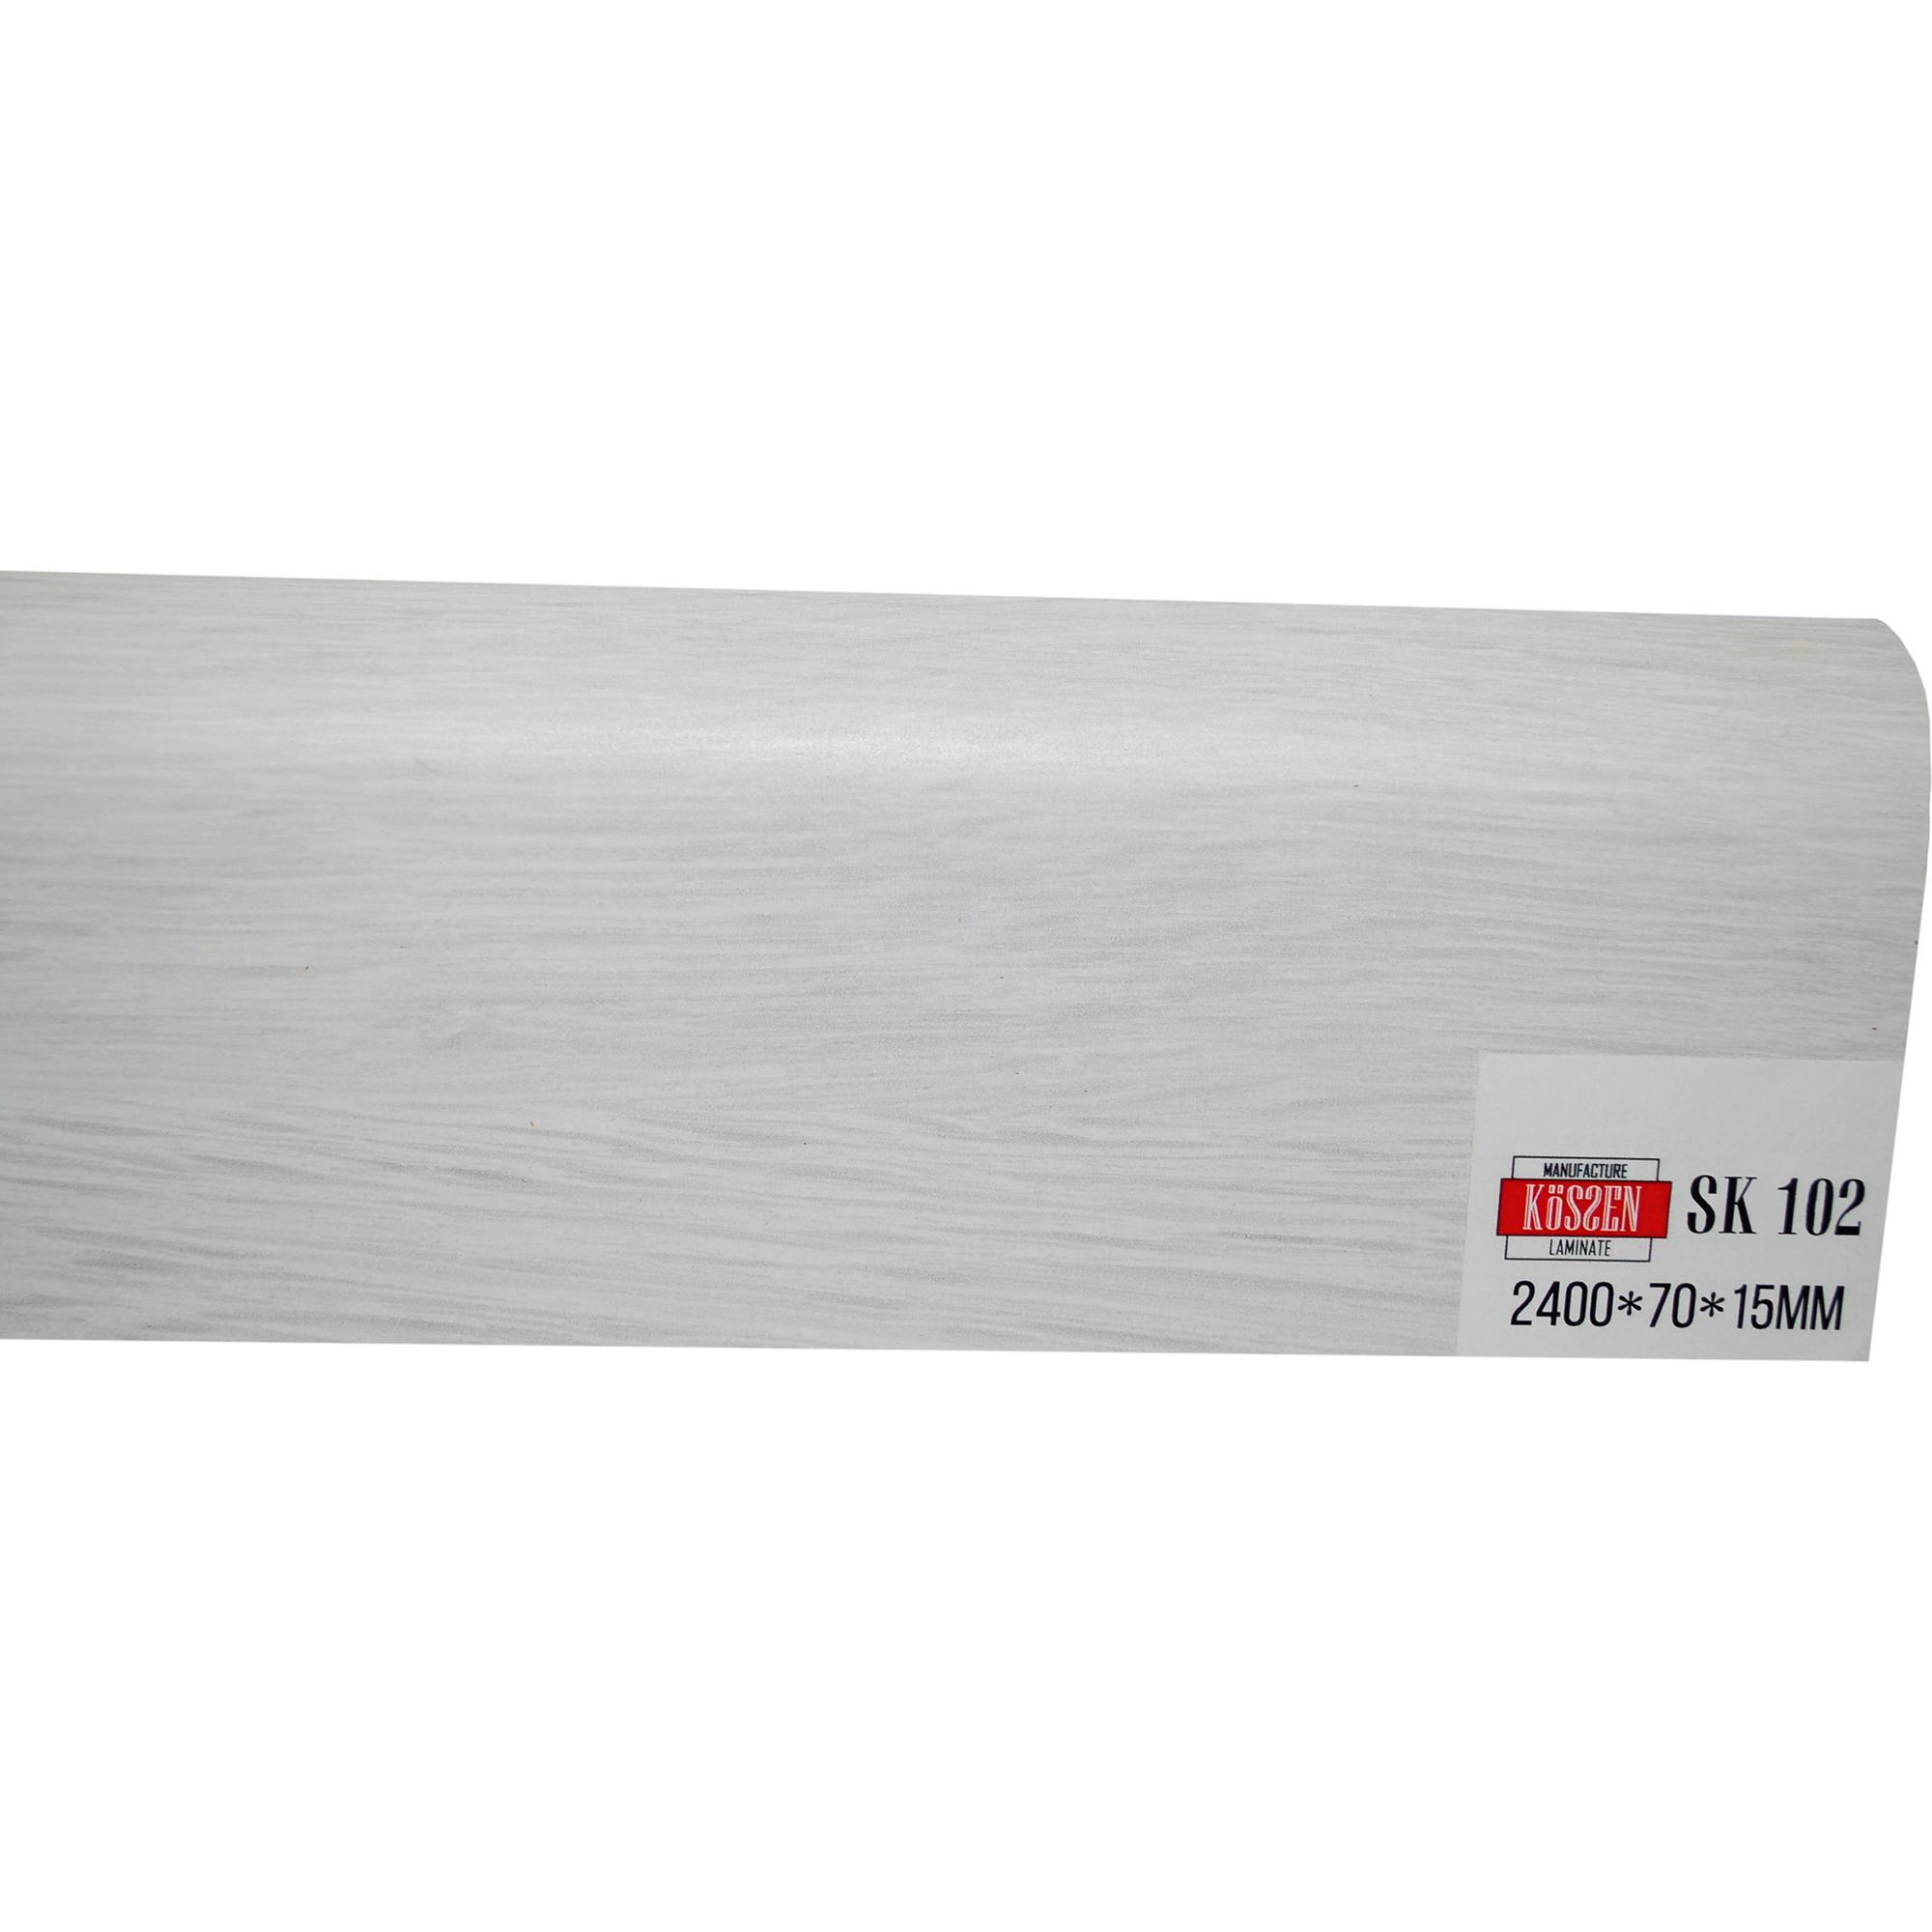 Плинтус Kossen Ламинированный МДФ SK 102 2400x70x15 мм